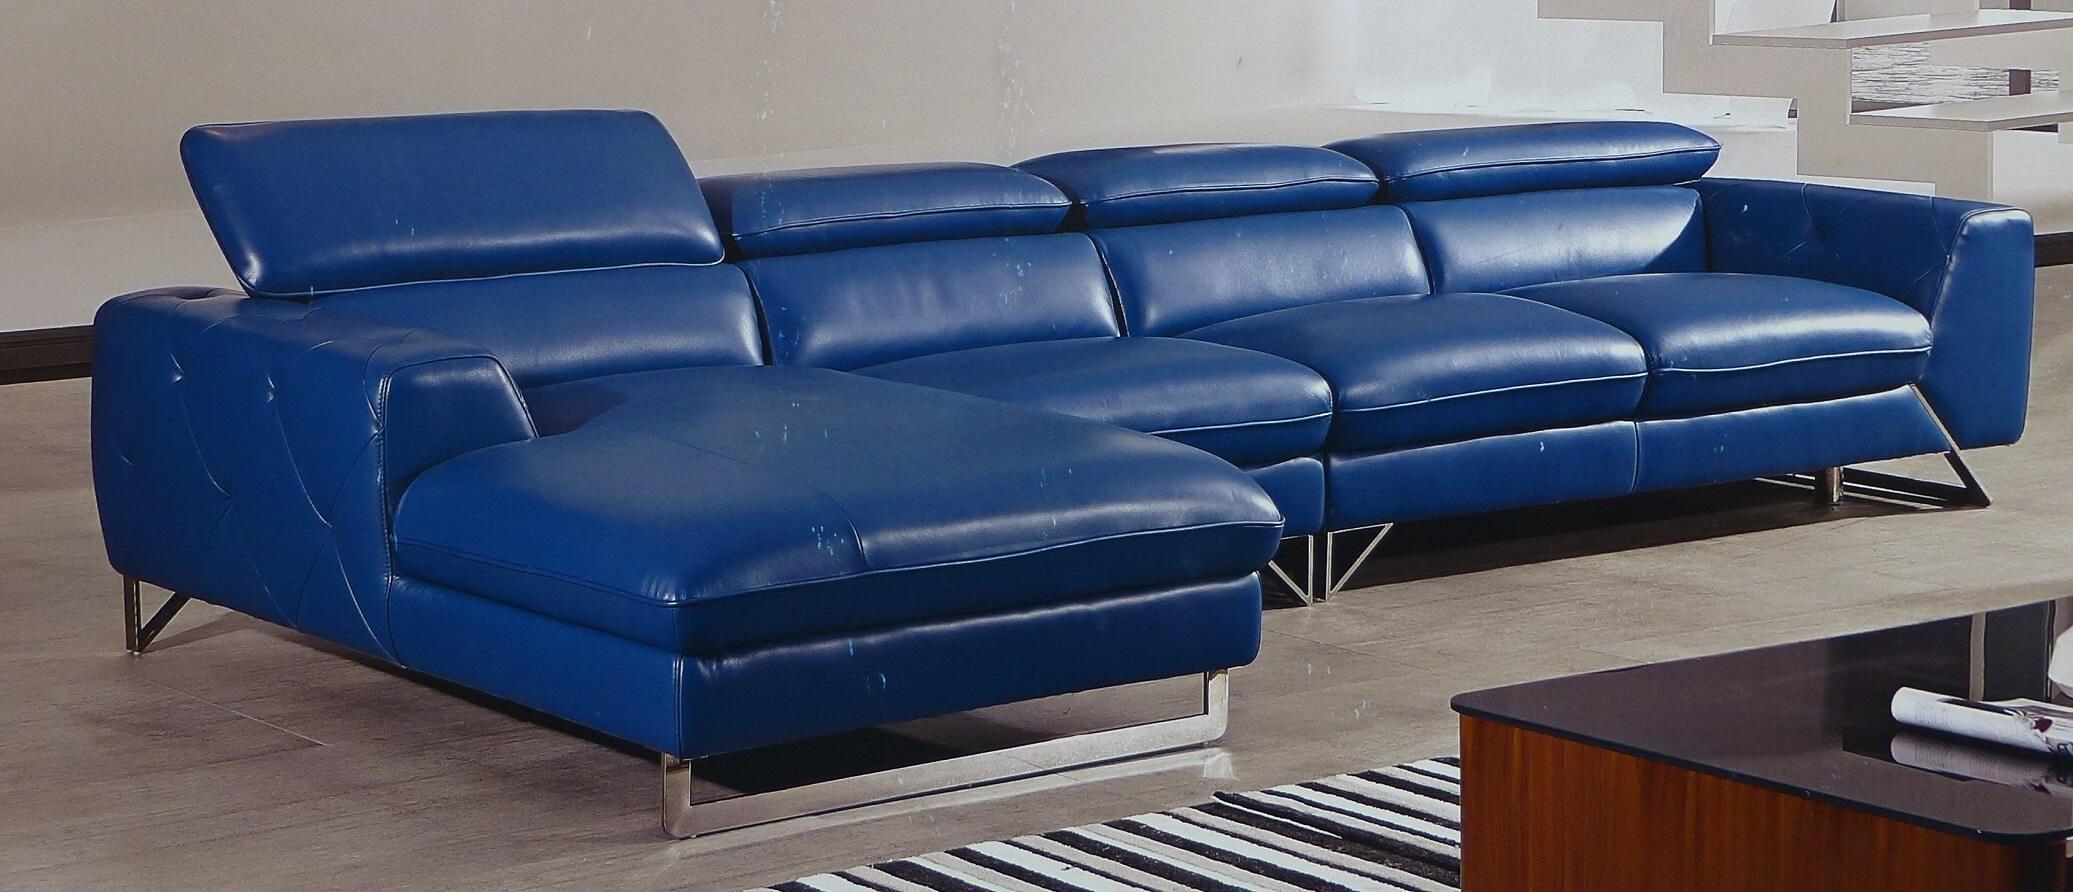 Kmart Sleeper Sofa 85 With Kmart Sleeper Sofa   Jinanhongyu pertaining to Kmart Sleeper Sofas